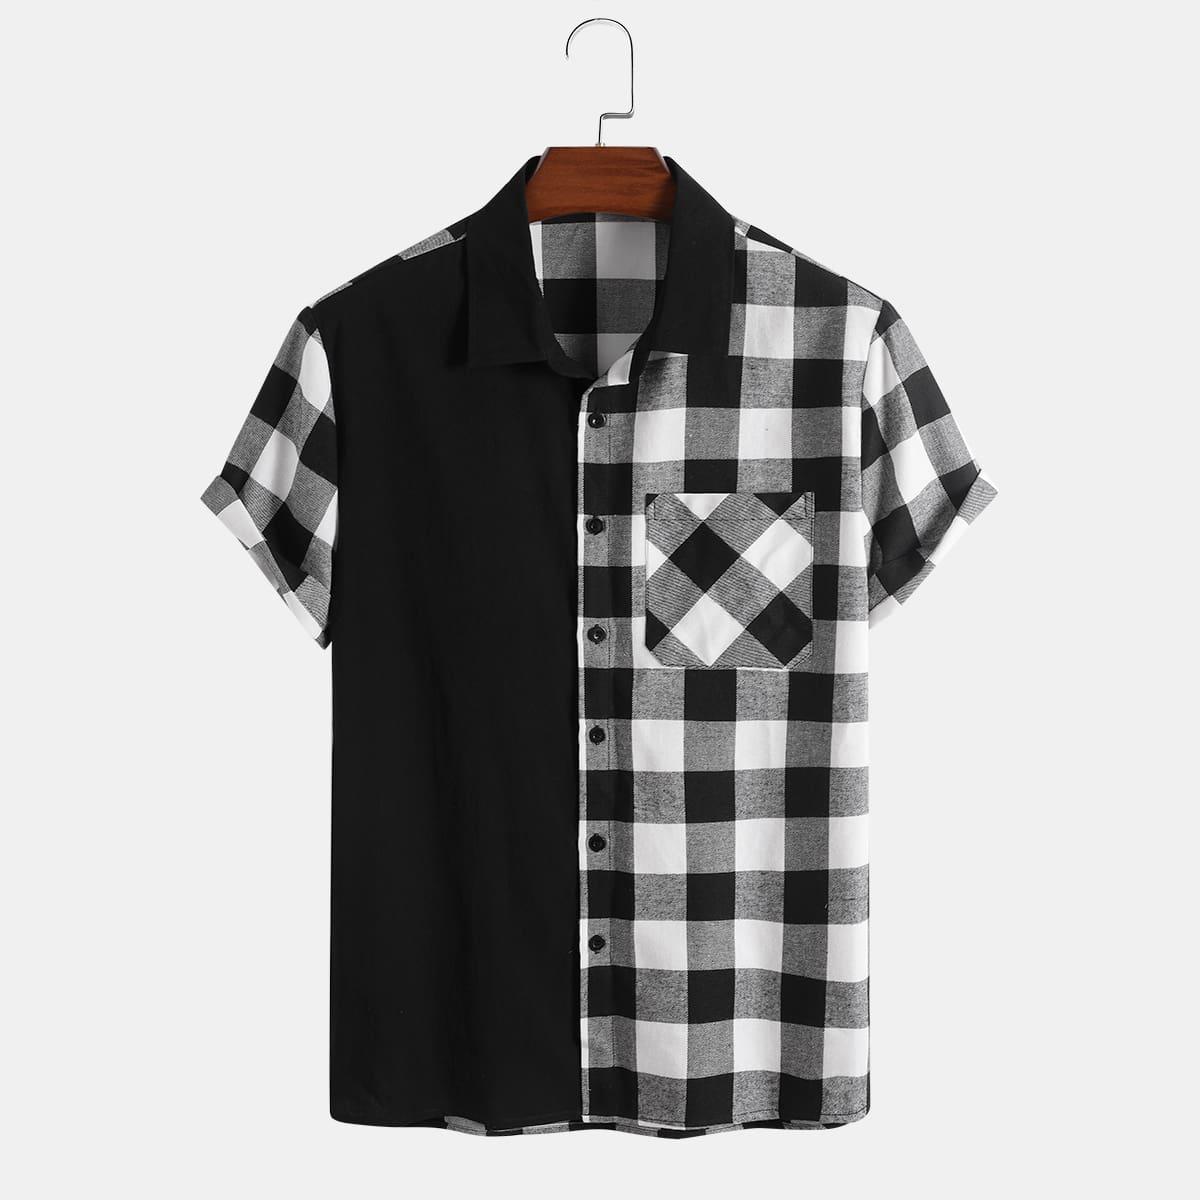 Мужской Рубашка в клетку на пуговицах SheIn smshirt25210524741